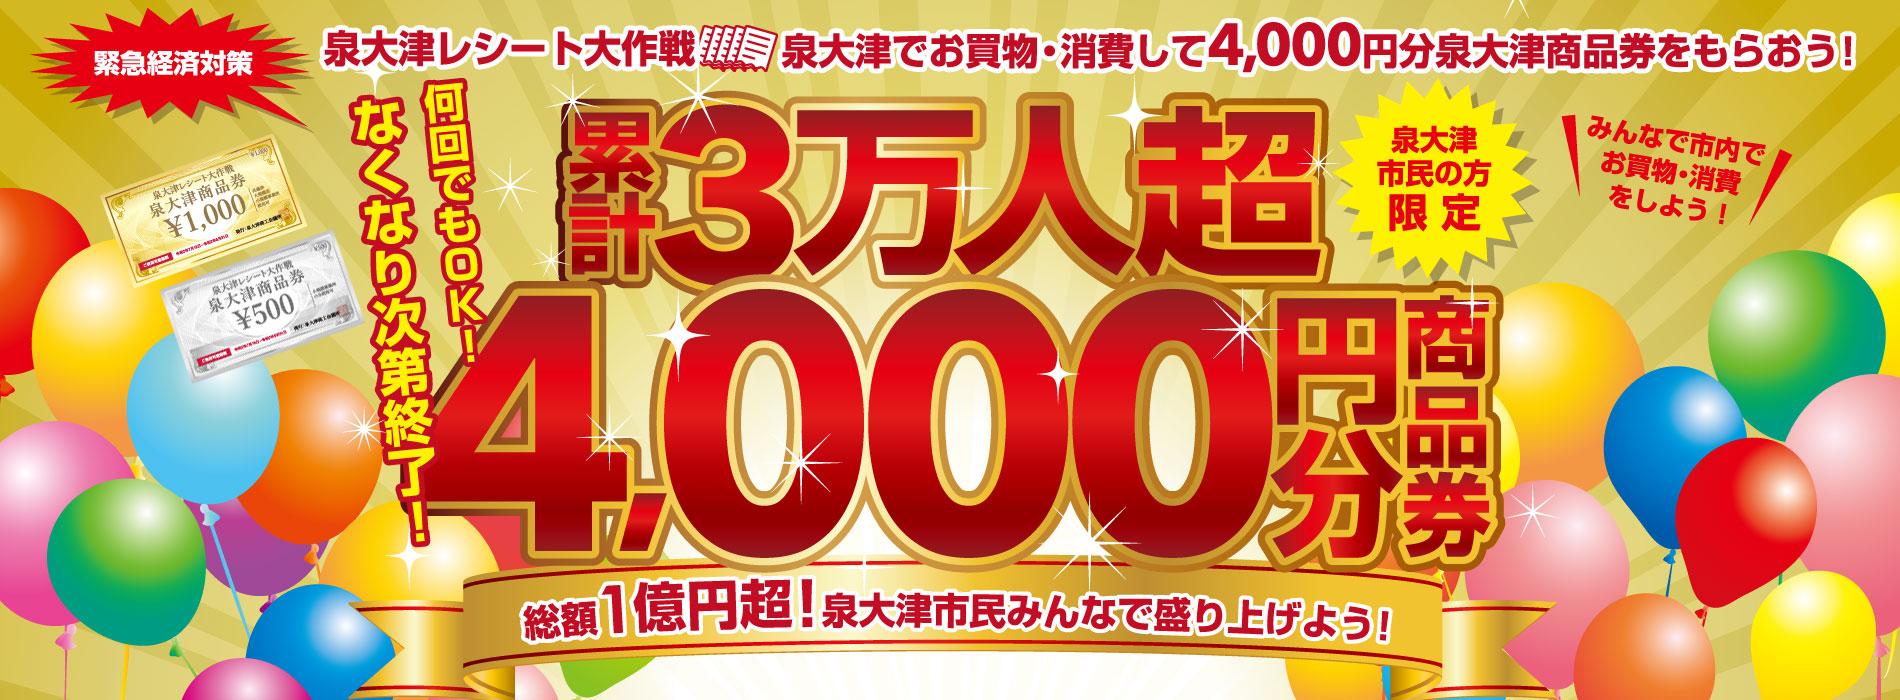 緊急経済対策 泉大津レシート大作戦!